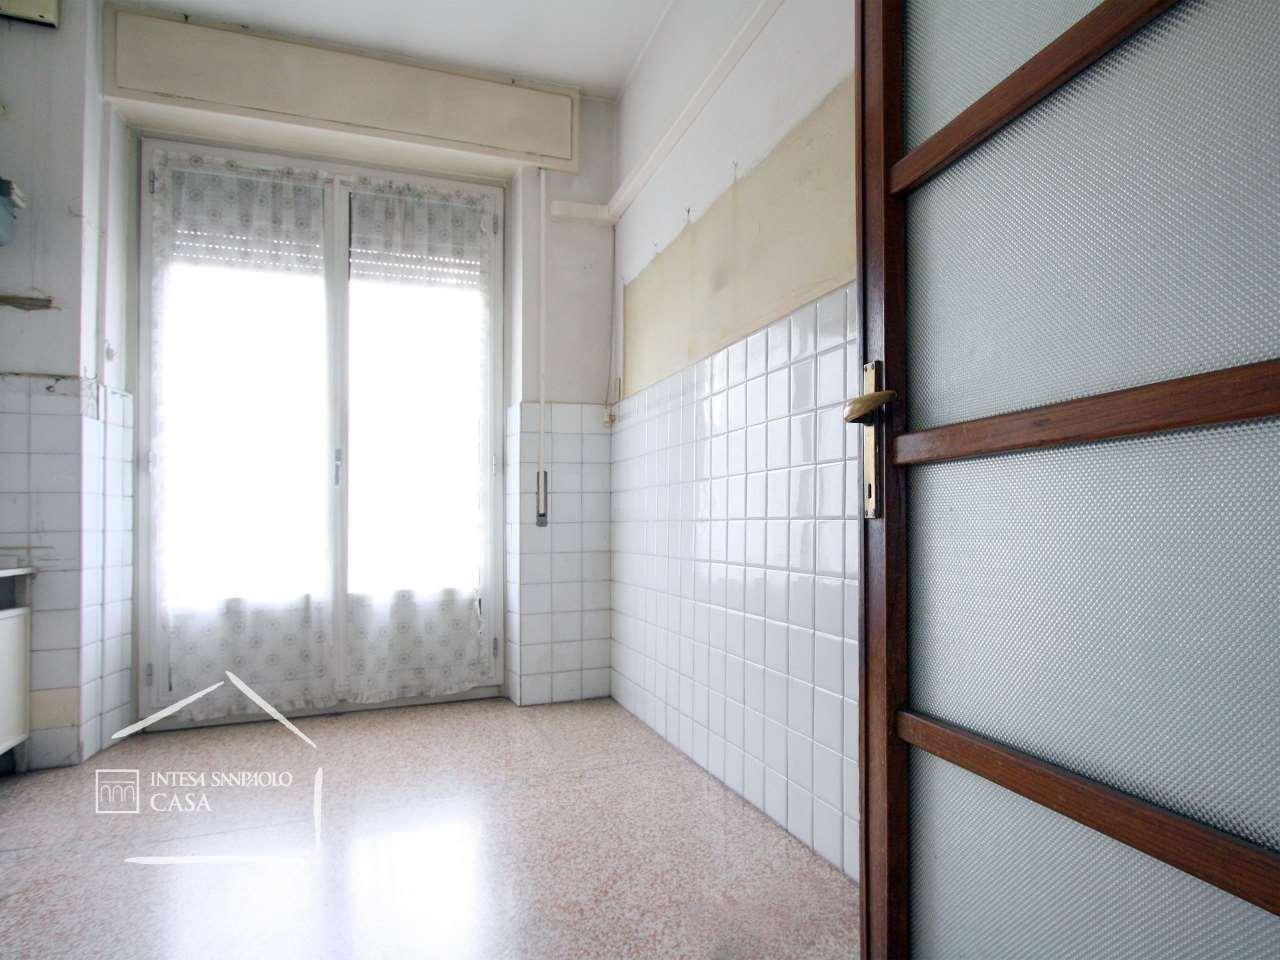 Appartamento in Vendita a Como: 5 locali, 188 mq - Foto 7